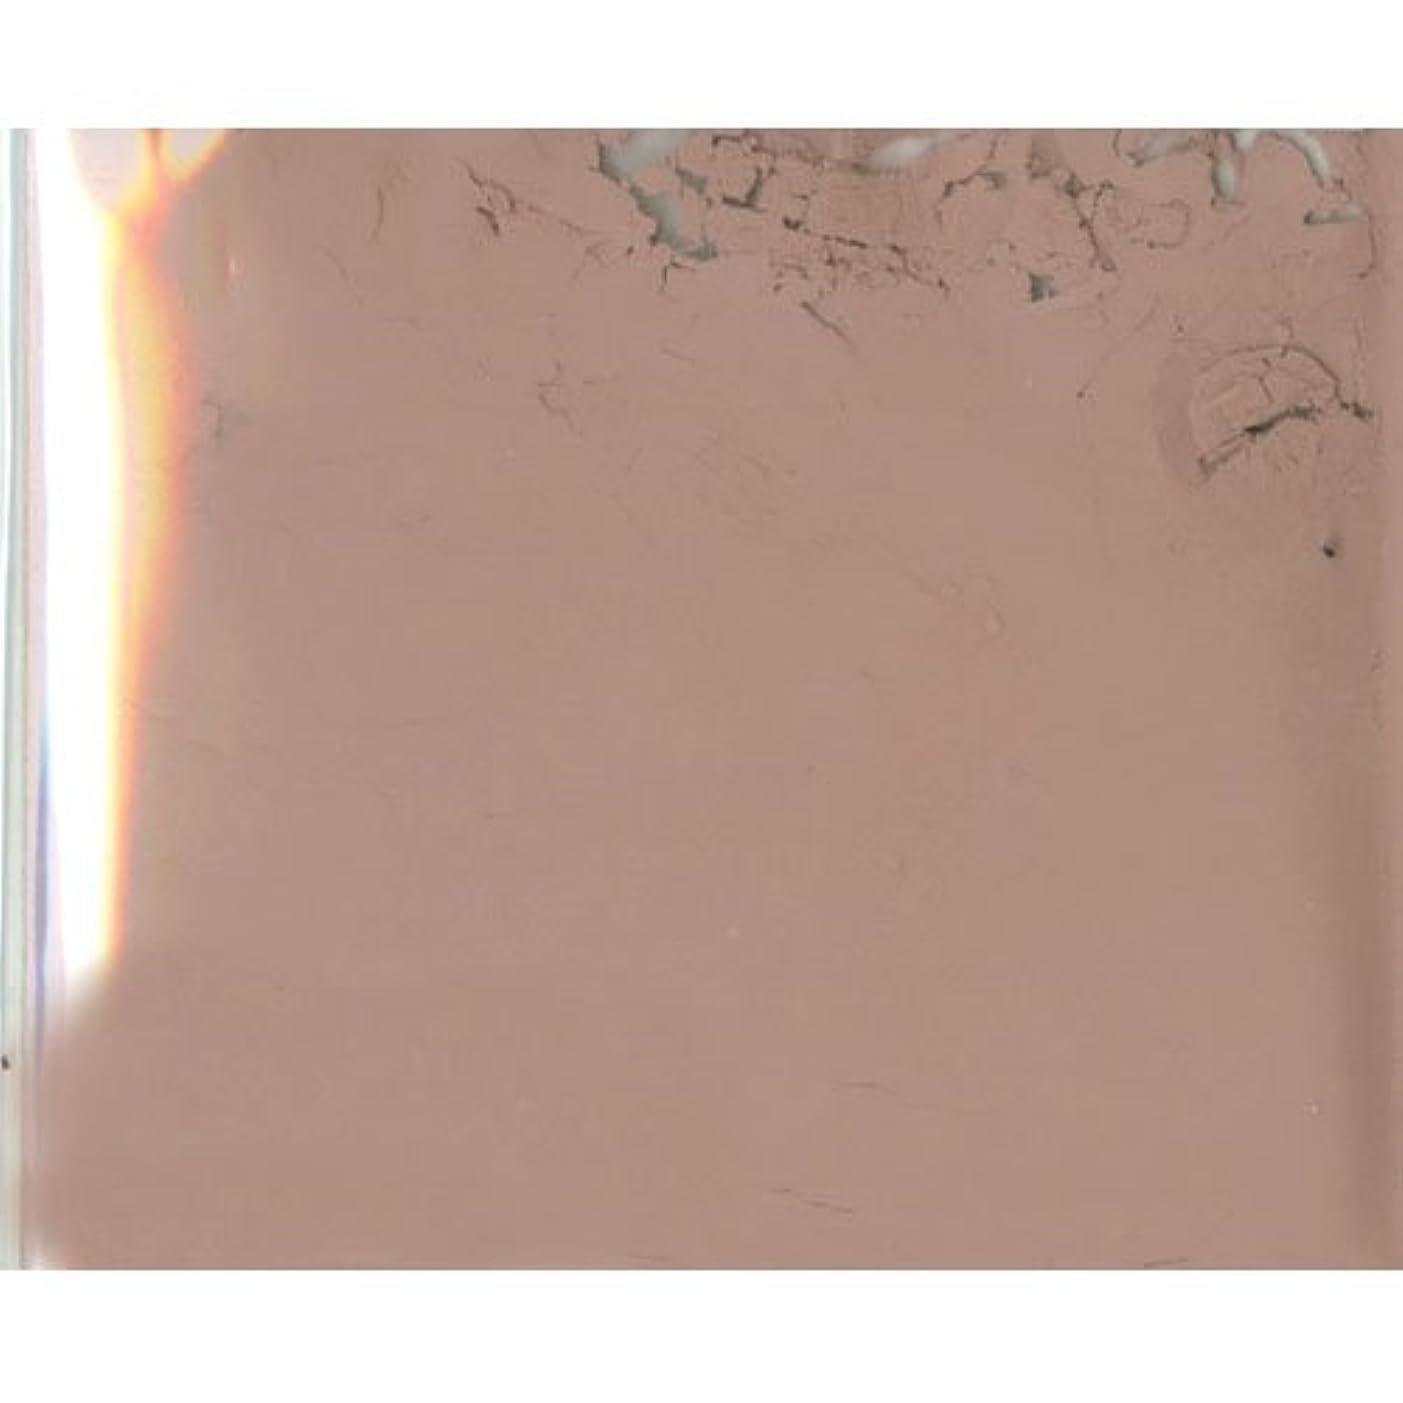 眠いですショップブリッジピカエース ネイル用パウダー ピカエース カラーパウダー 透明顔料 #985 チョコレートブラウン 2g アート材